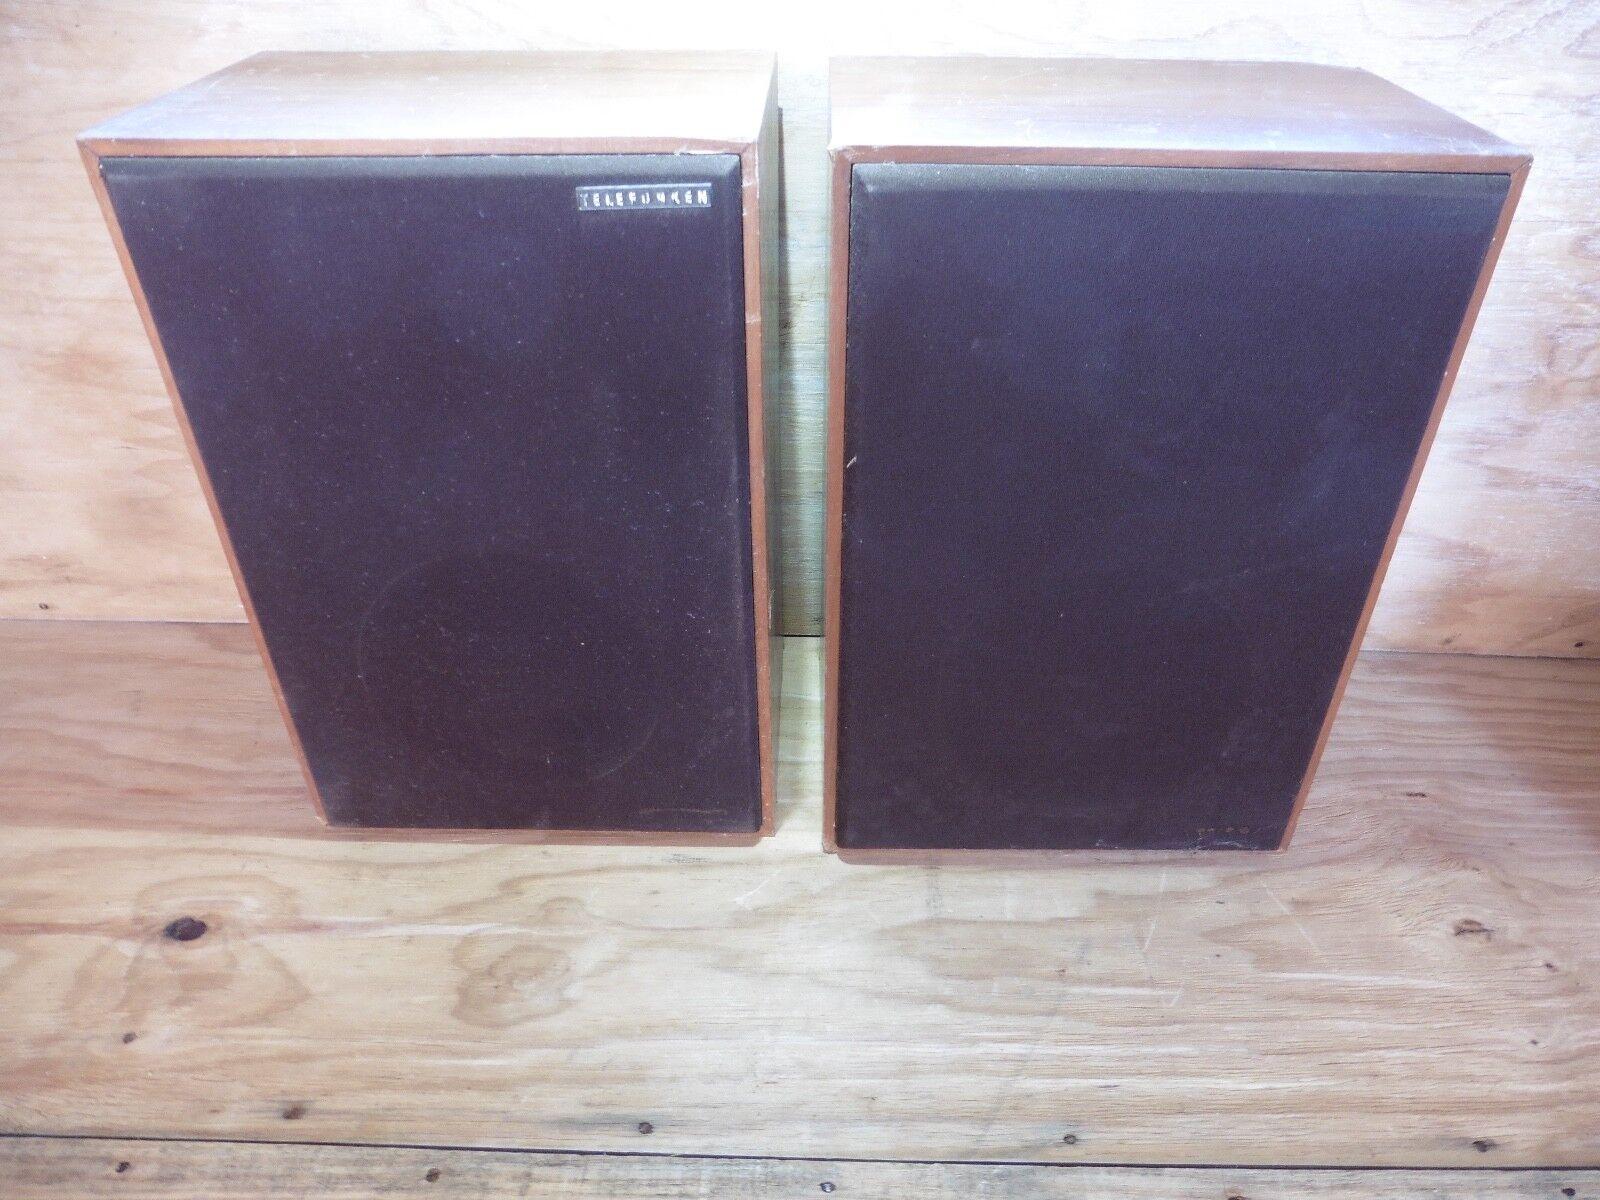 TELEFUNKEN L 5600 Paar Lautsprecher verkauft in L'Etat   HI FI